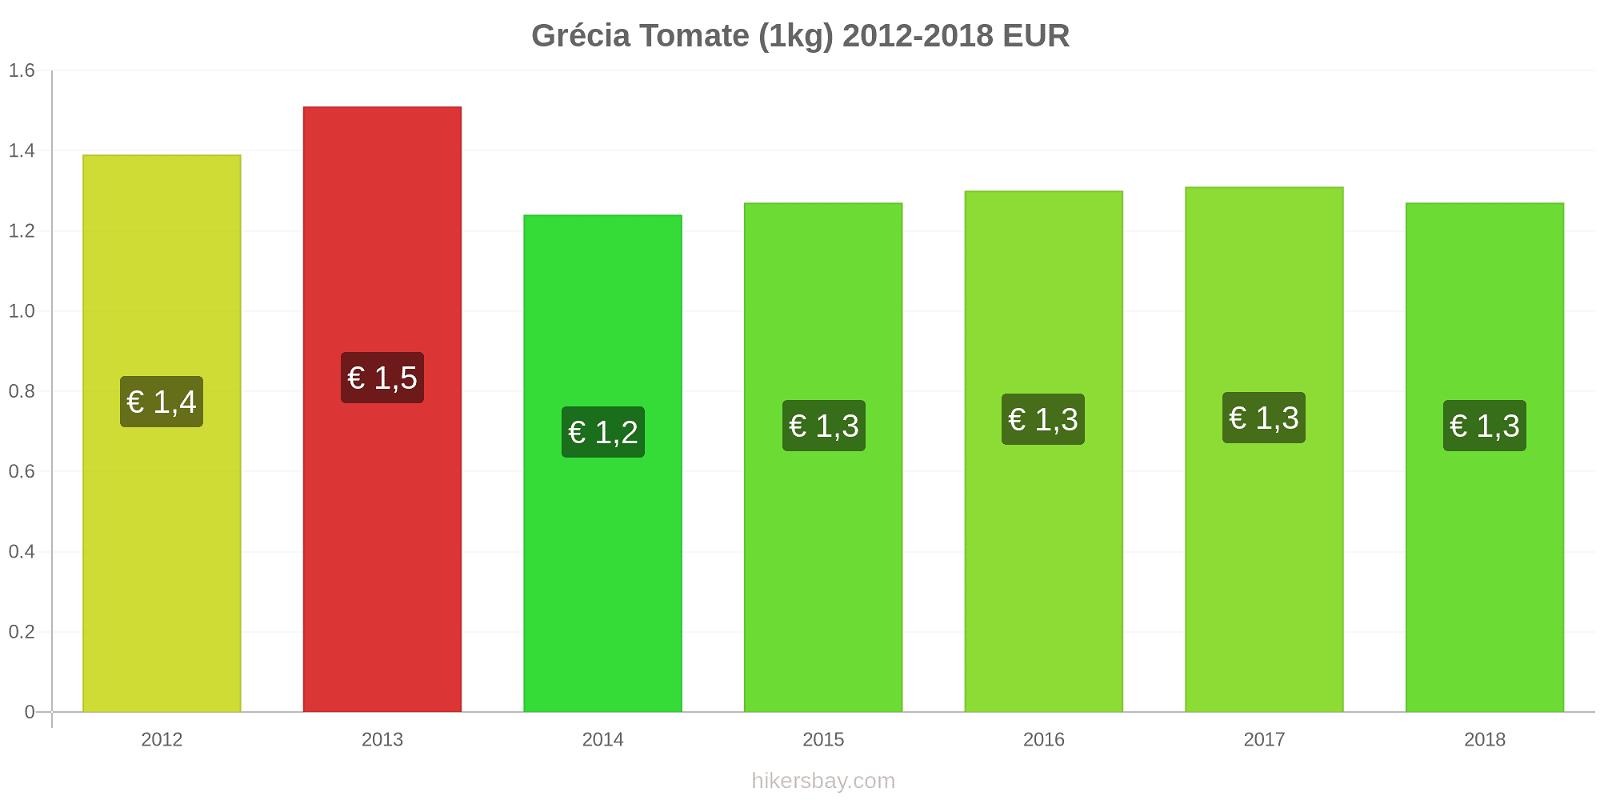 Grécia variação de preço Tomate (1kg) hikersbay.com